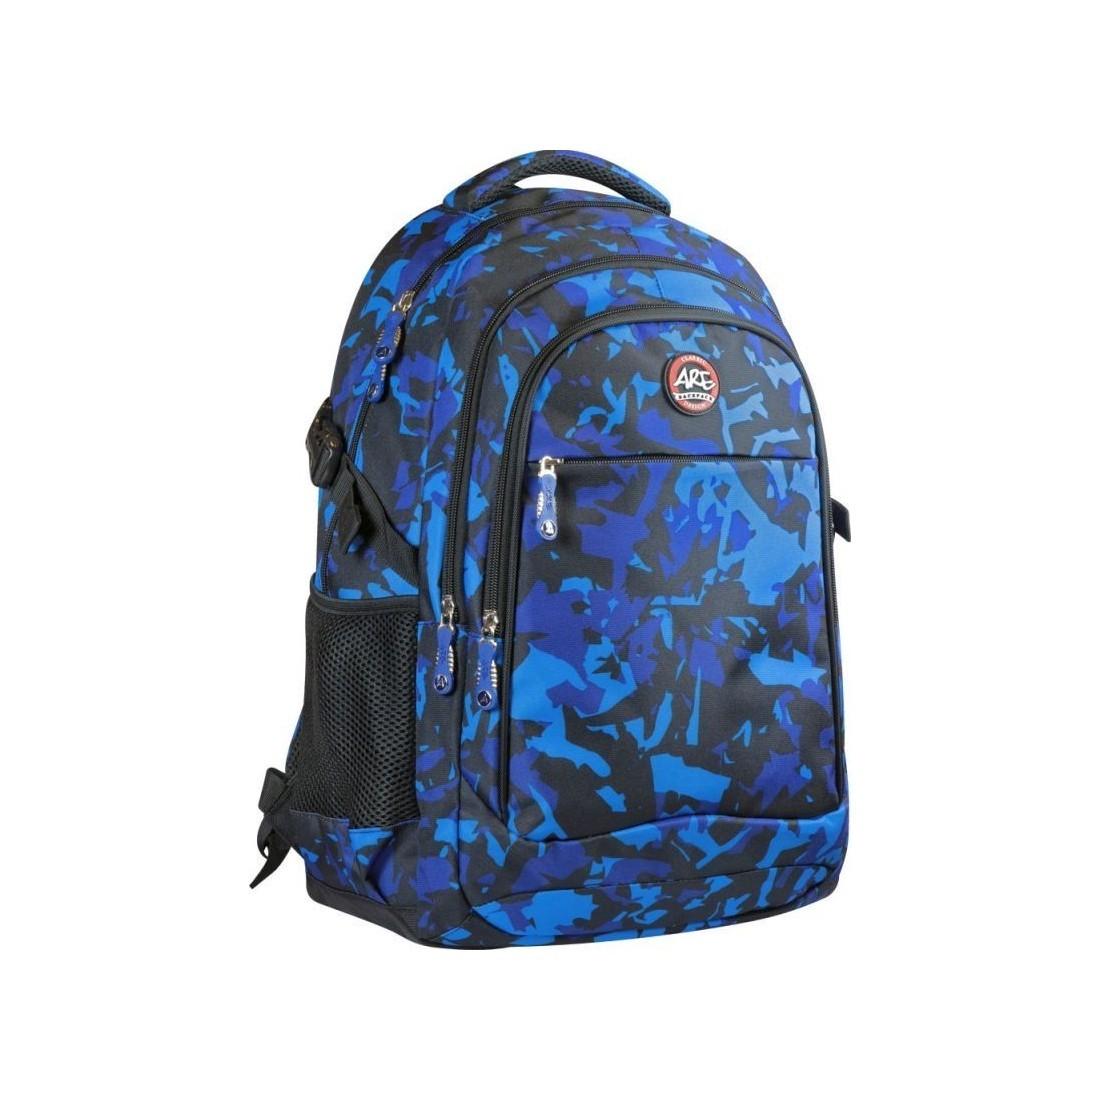 eae3b40ce19 Duży i funkcjonalny plecak szkolny dla chłopców, w modnym wzorze -  granatowe moro.